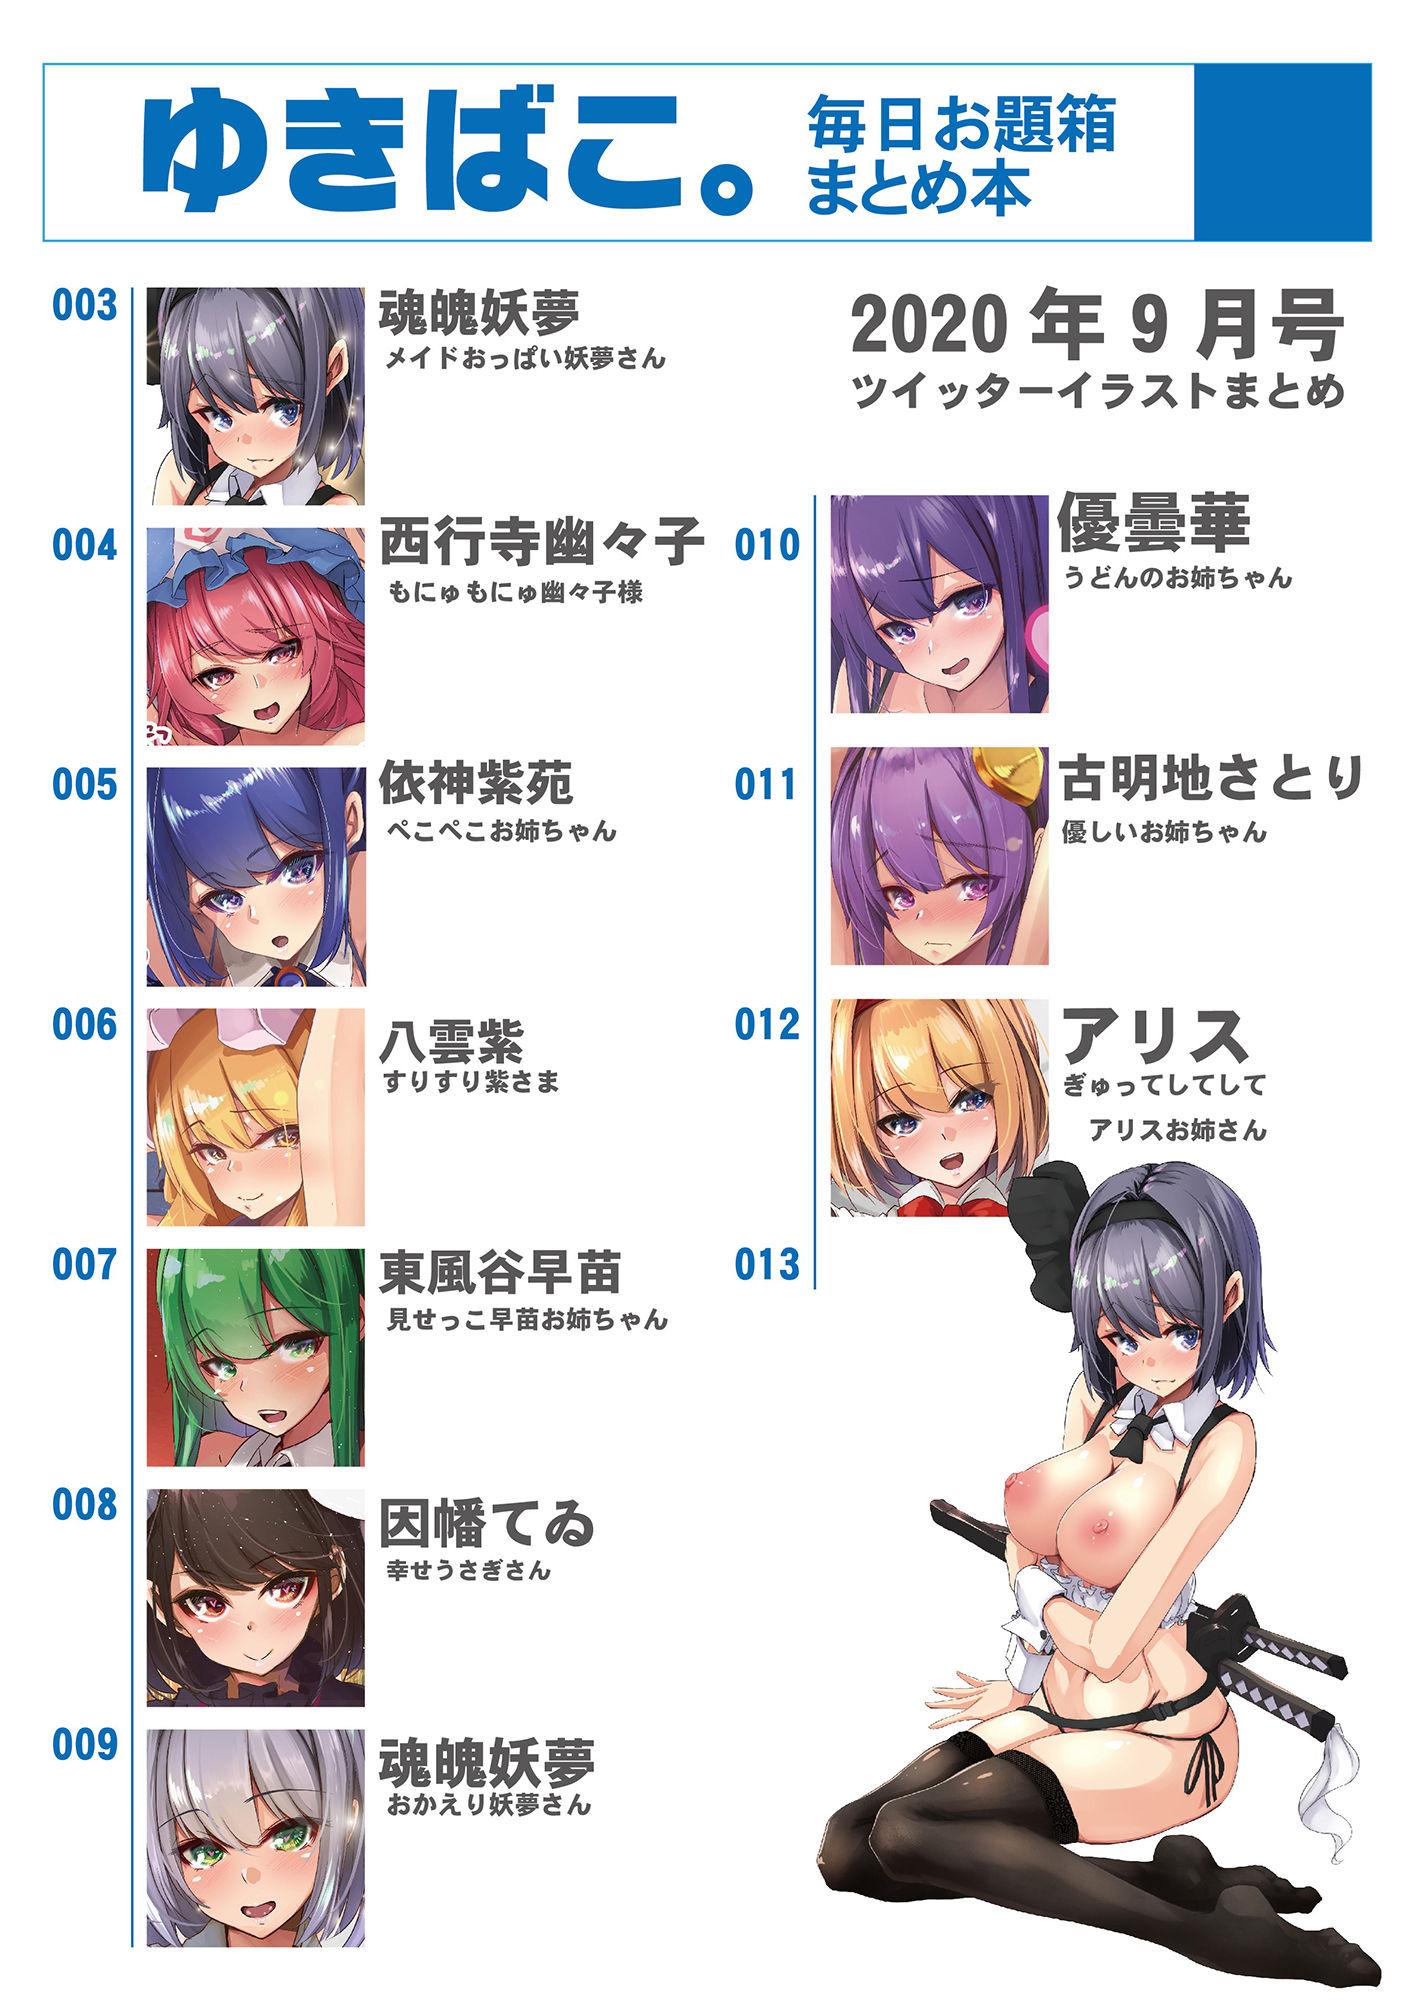 あまあま幻想エッチな~ゆきばこ毎日お題箱まとめ本~2020年9月号~